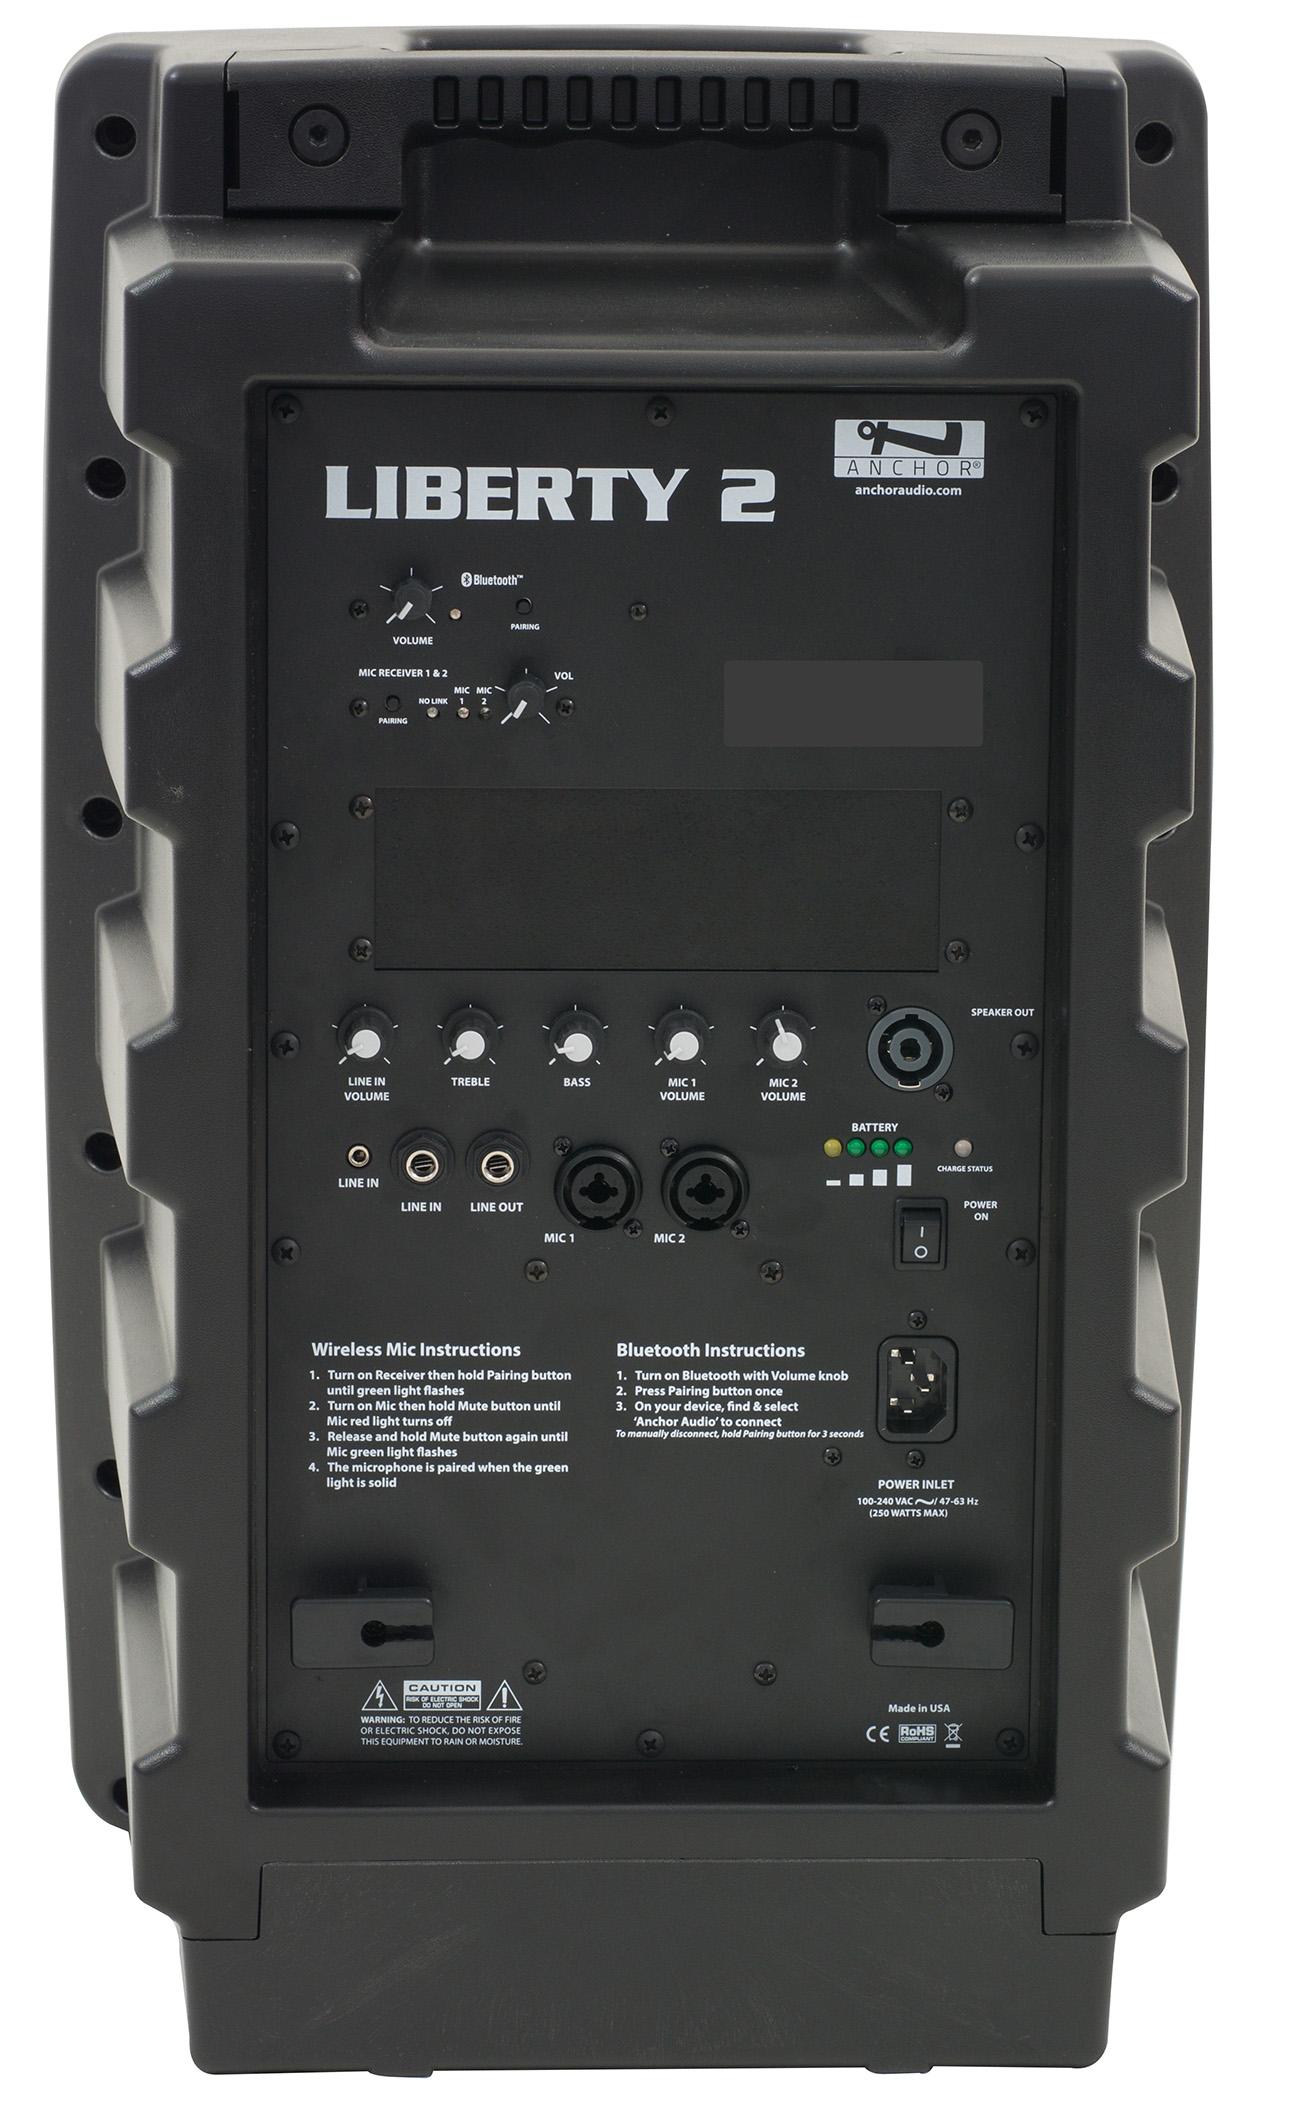 LIB2-U2